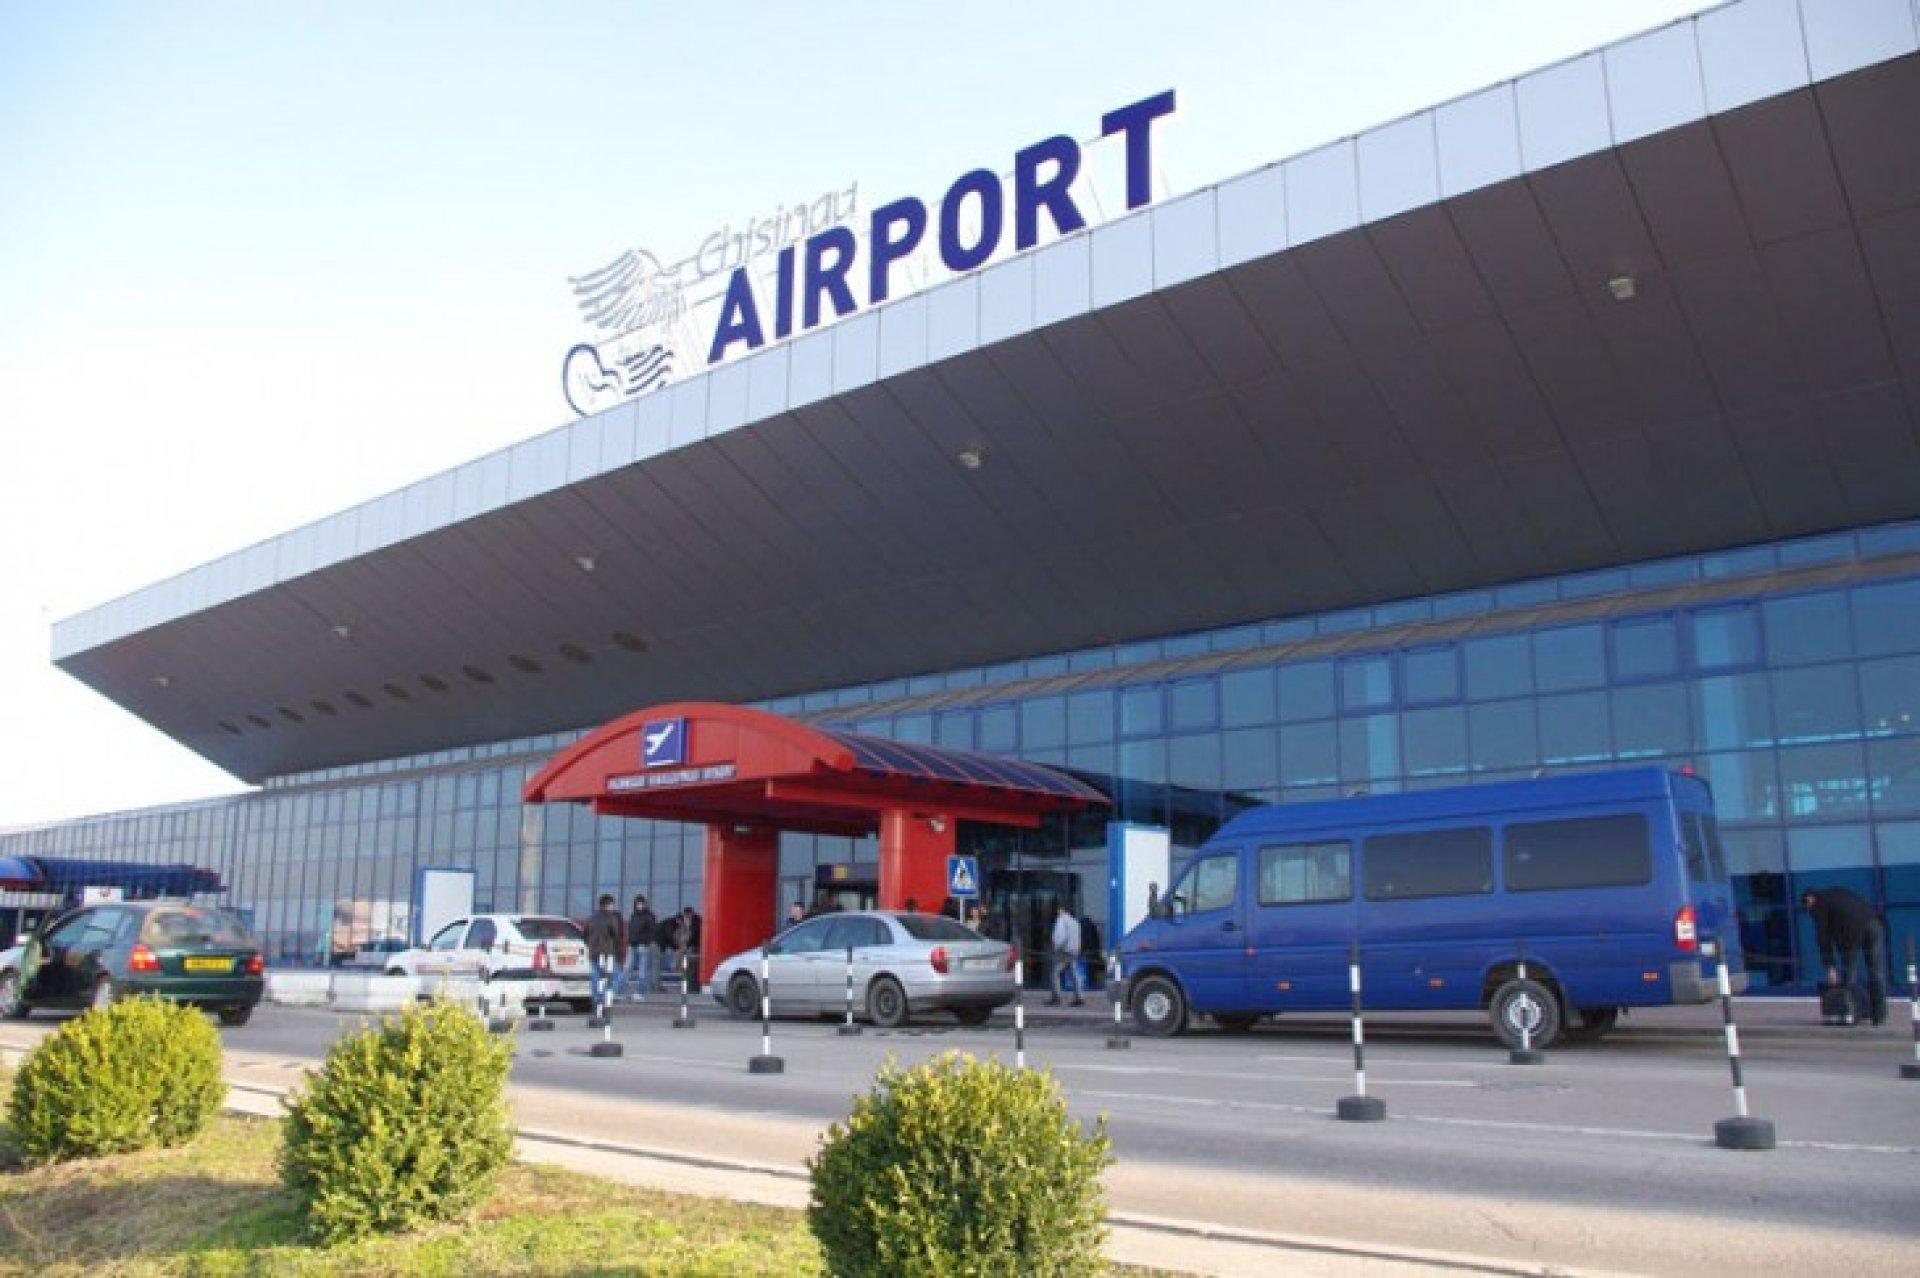 Newsbucuresti.ro: Acuzații GRAVE la adresa conducerii Aeroporturi București(CNAB): Angajații amenințați cu restructurarea dacă nu renunță la drepturile lor! DOCUMENTE! 4